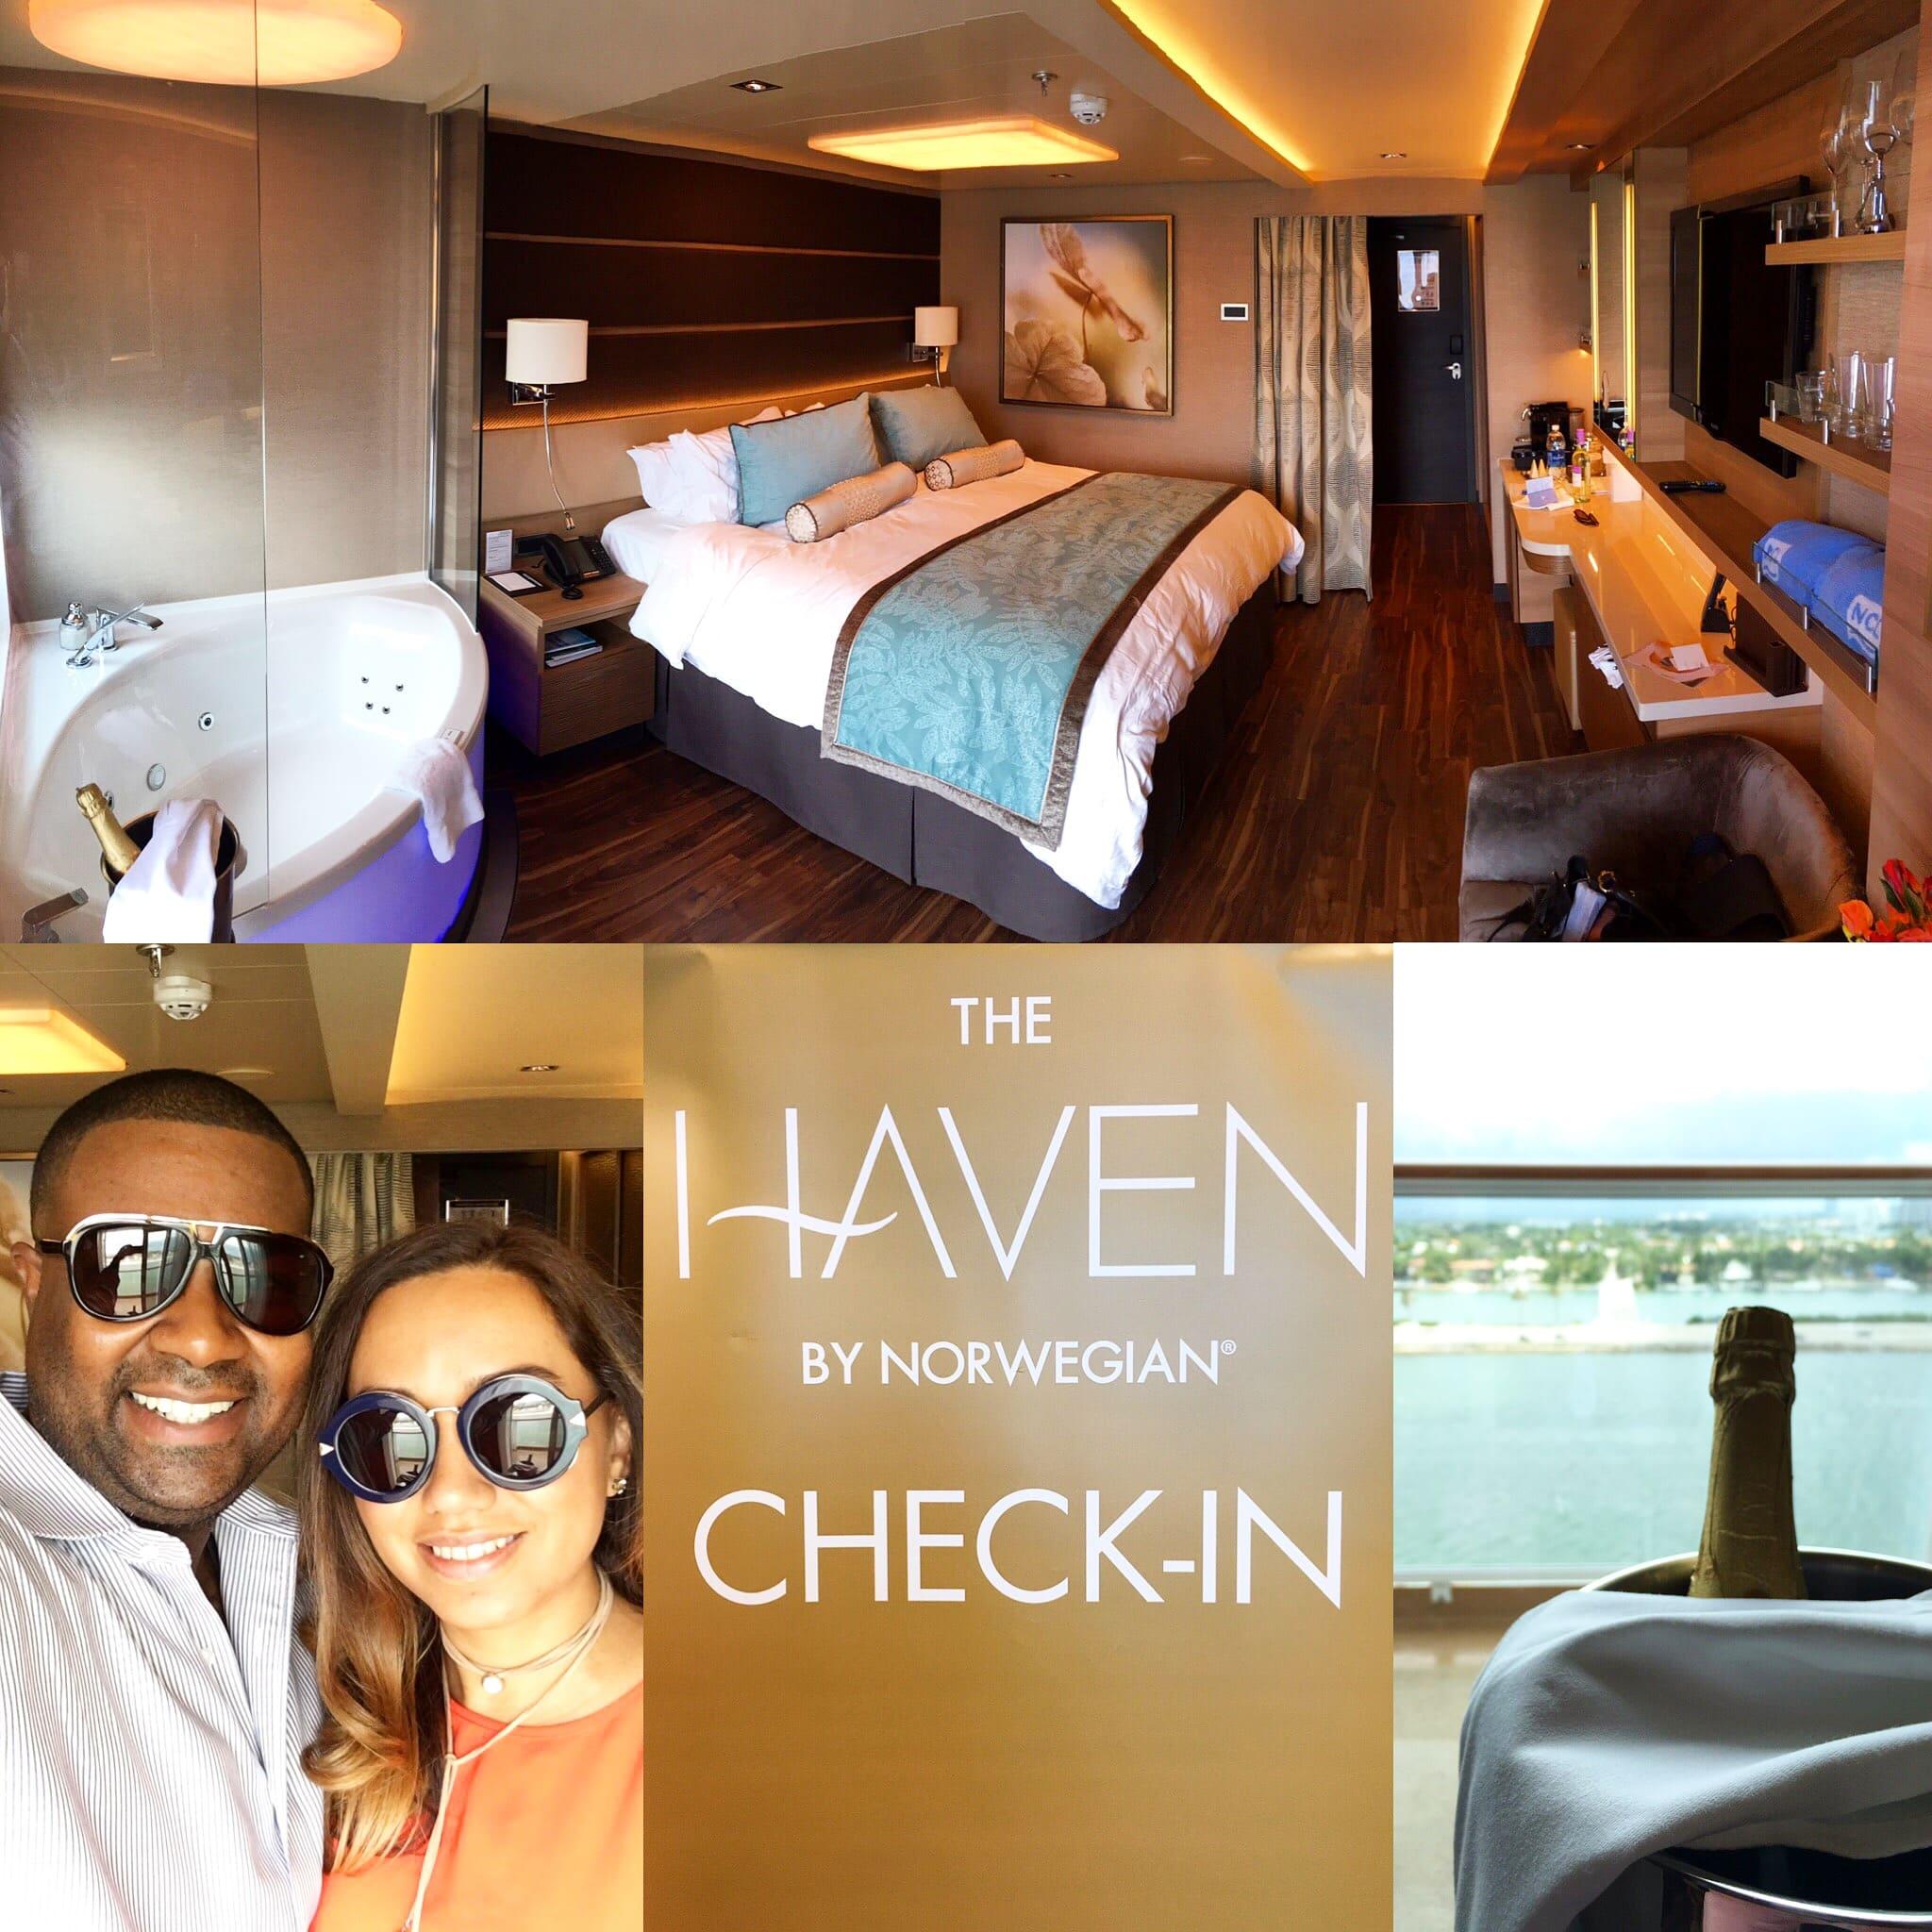 The Haven by Norwegian&nbsp